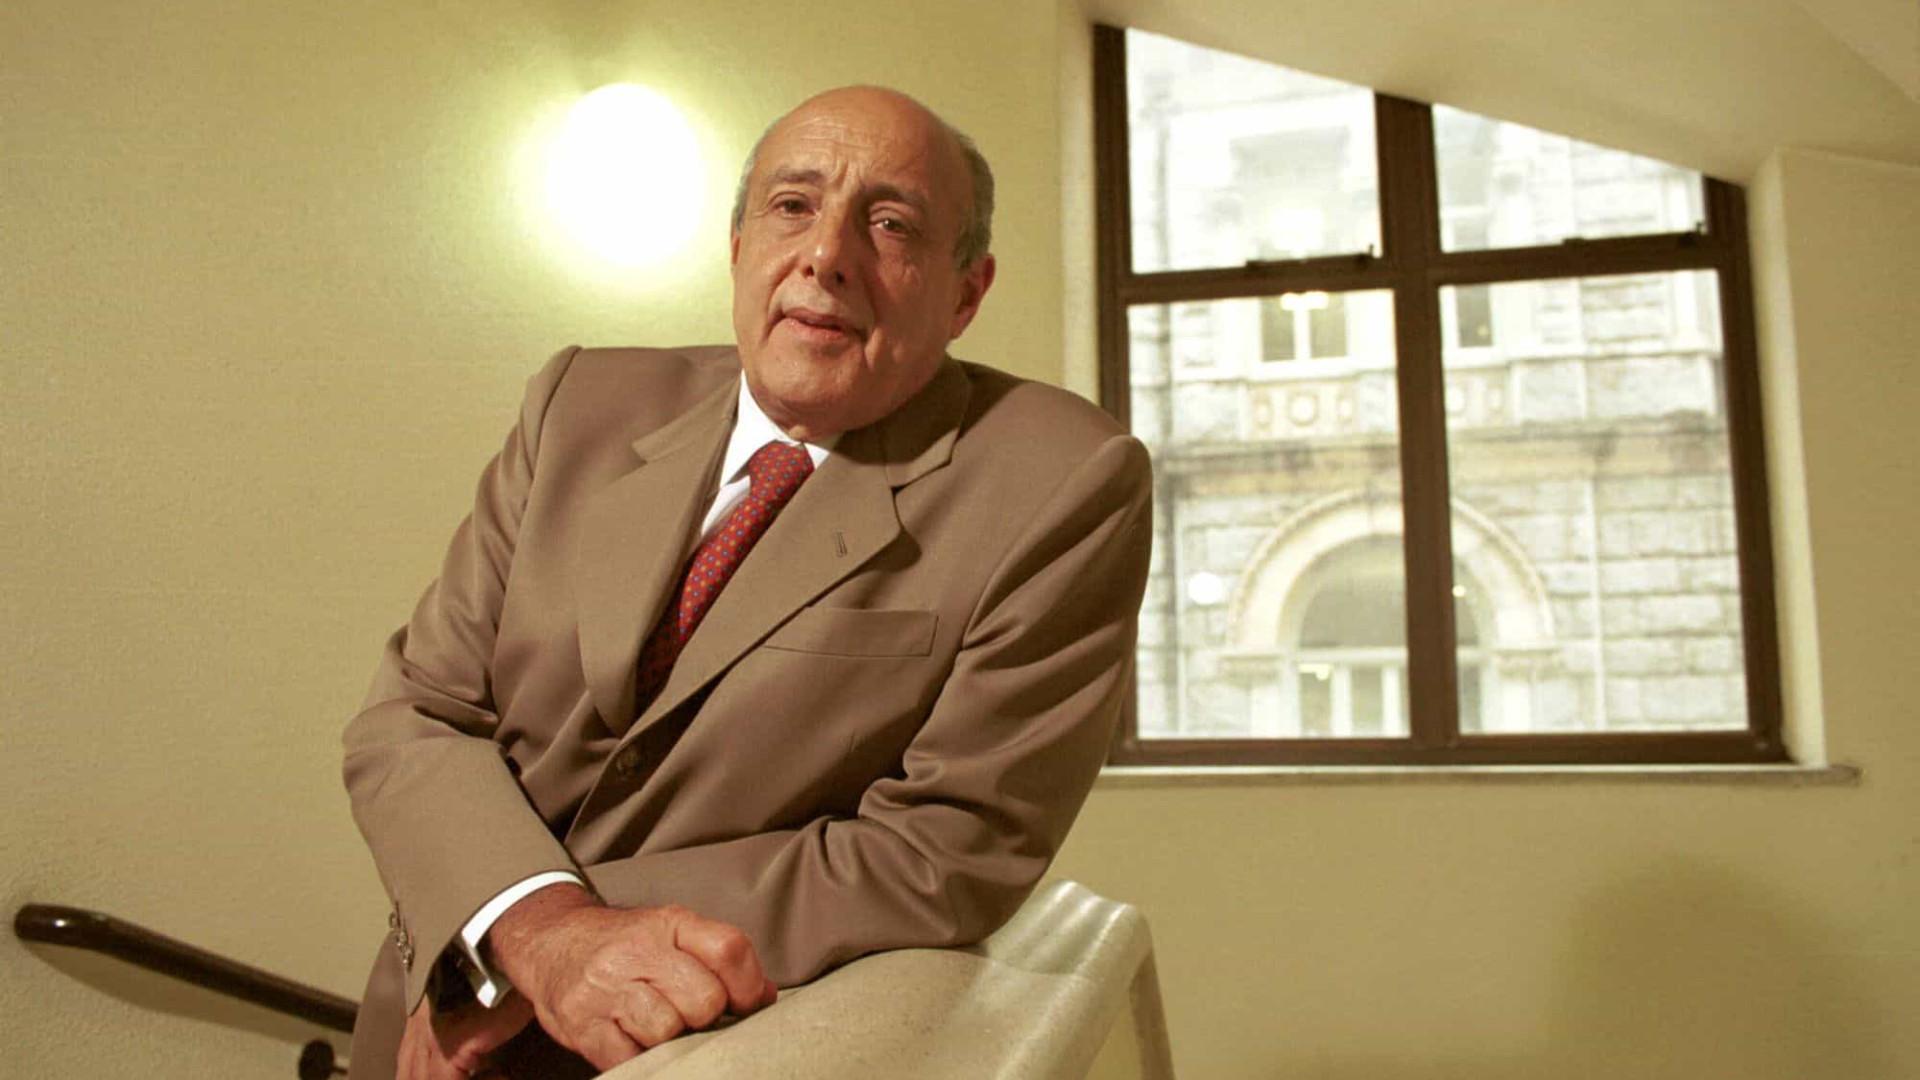 Morre de covid-19 Raymundo Magliano Filho, ex-presidente da Bovespa